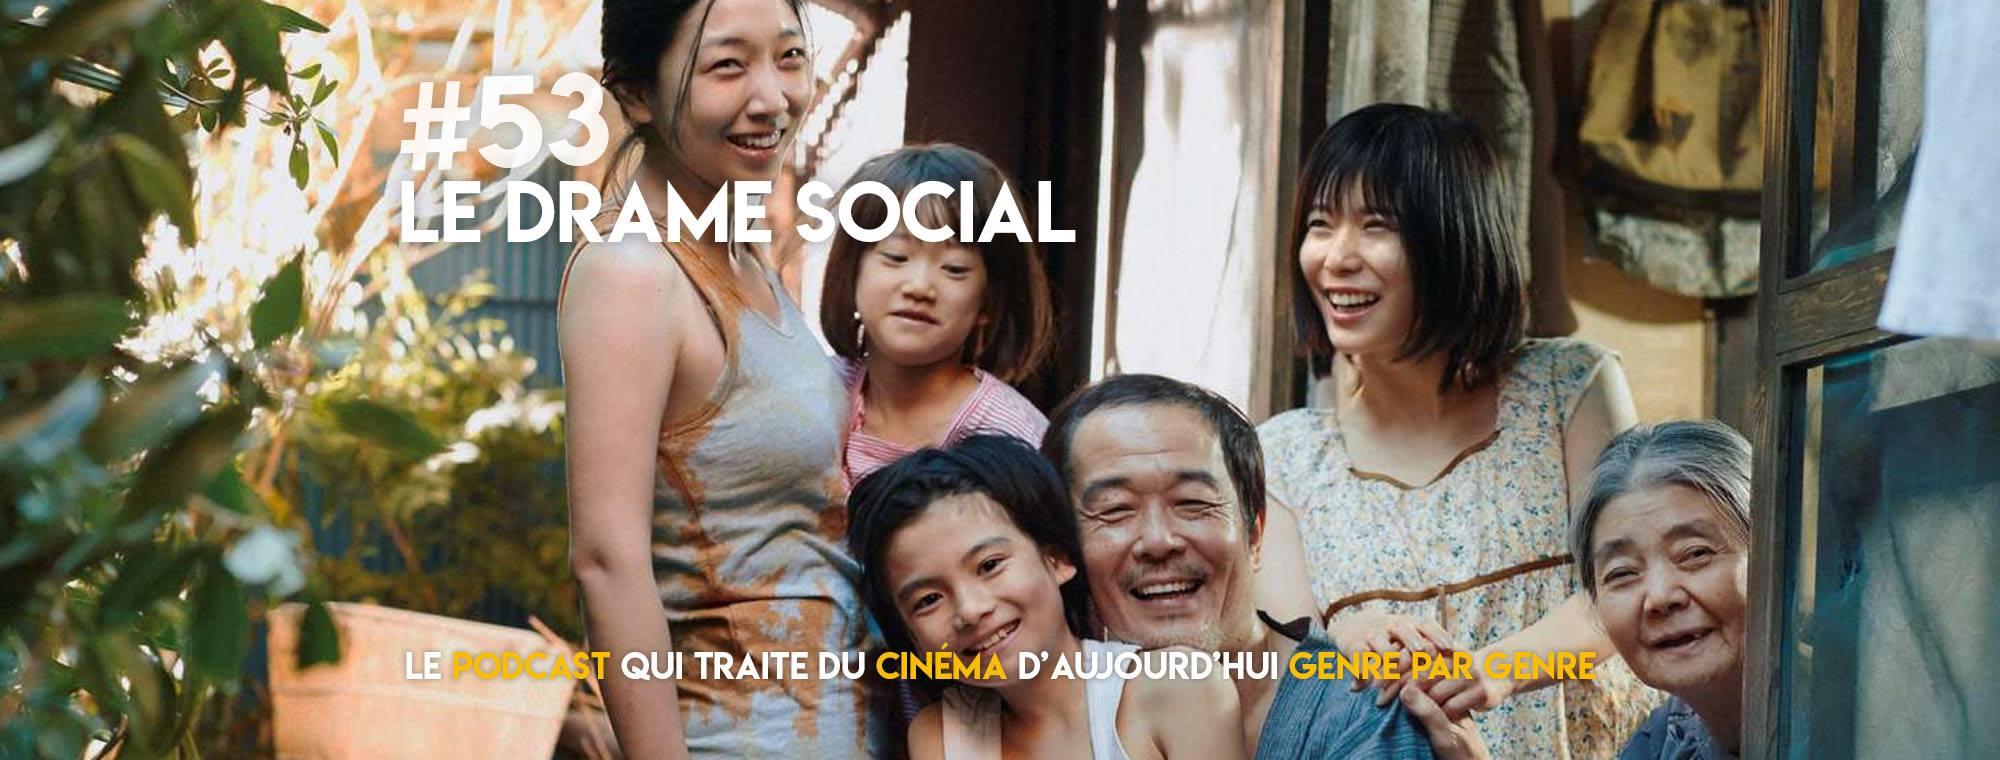 Parlons Péloches - #53 Le drame social